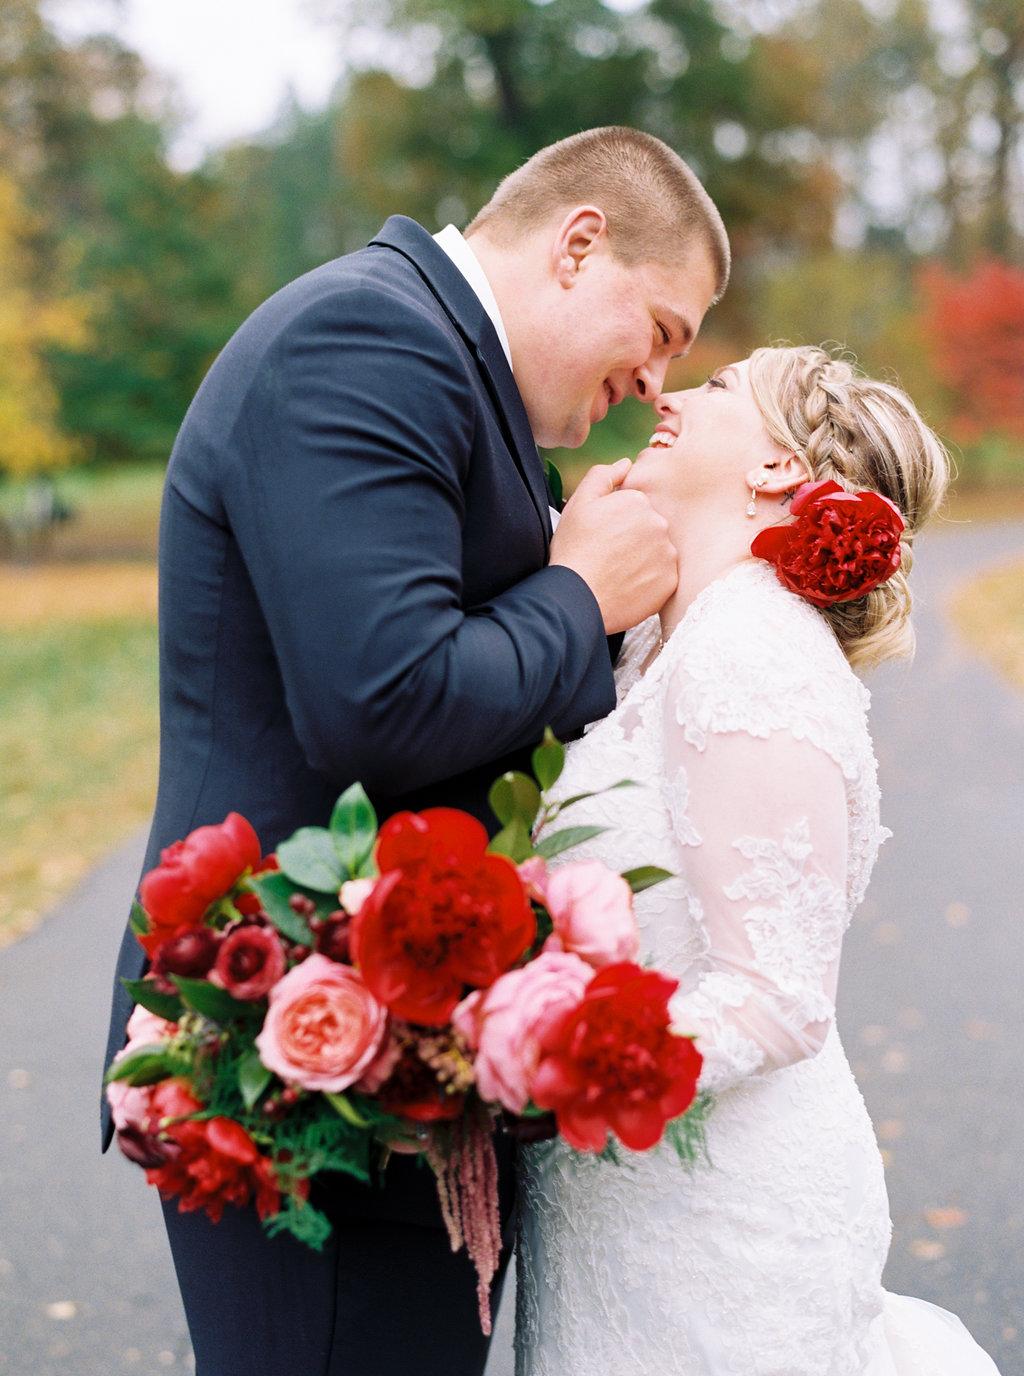 Wedding in Reynolda Village